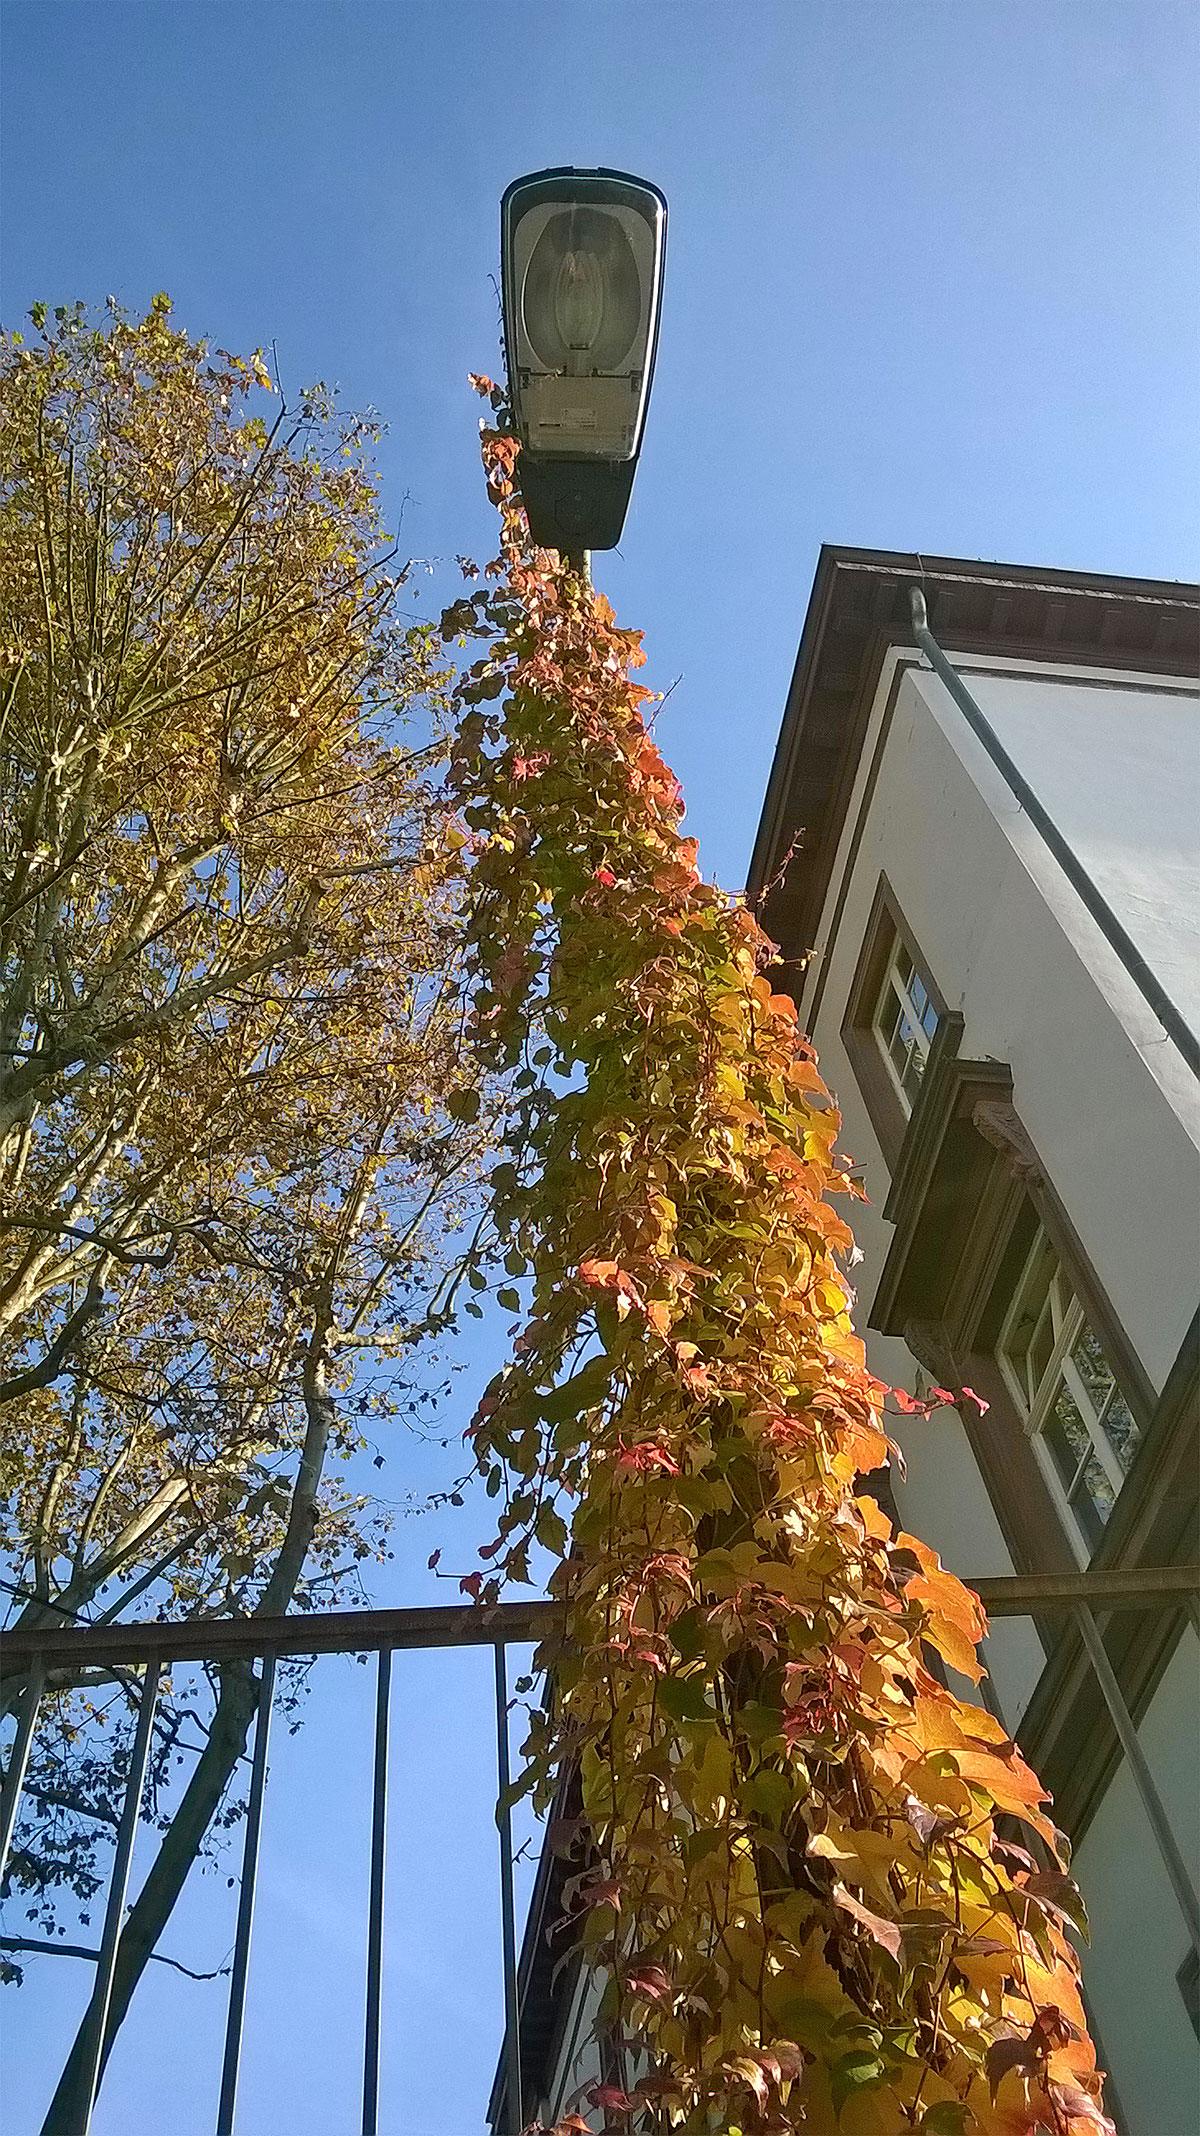 Herbst in Frankfurt-Bornheim